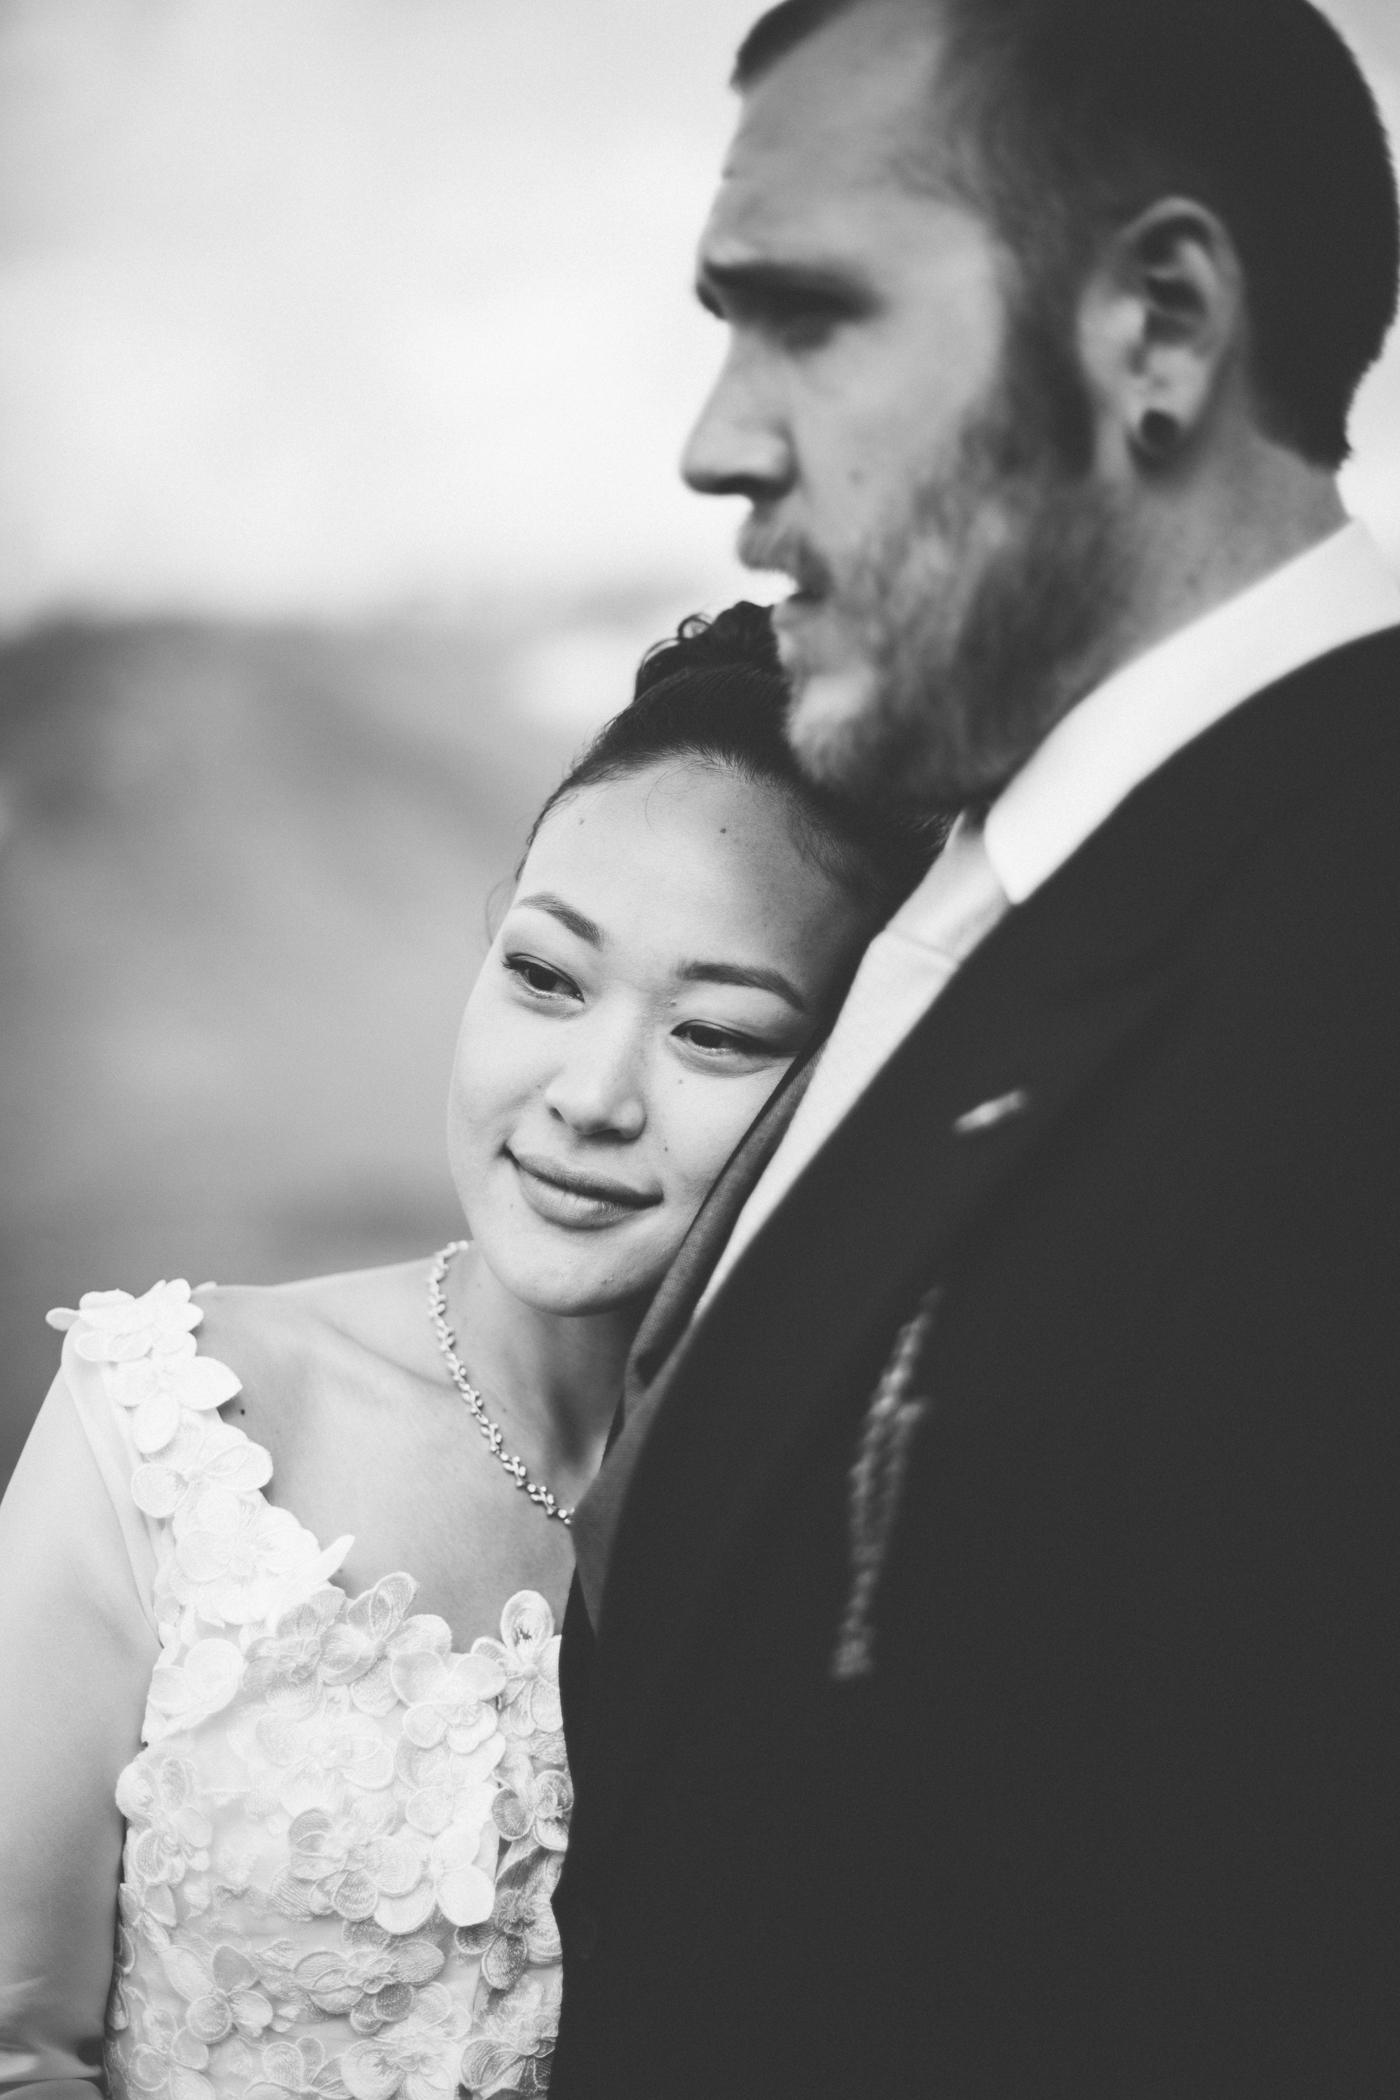 Mountaintop Wedding Photos